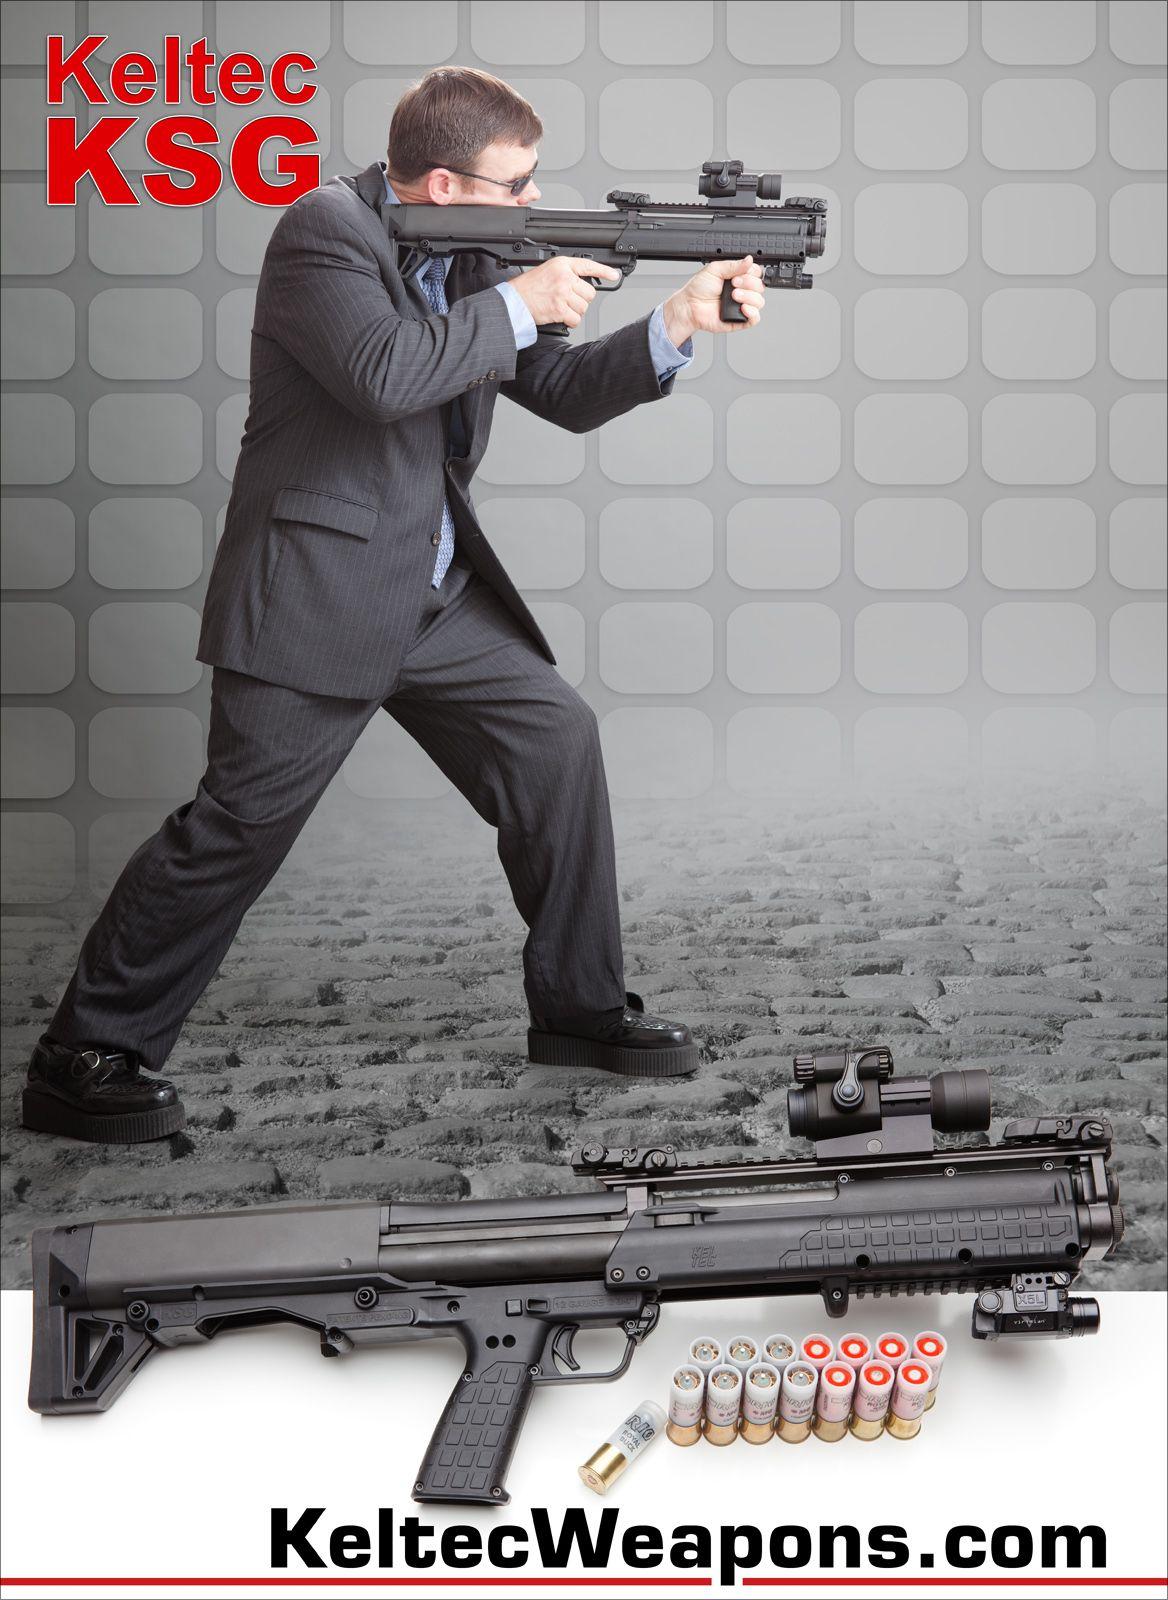 The Controversial Ksg Guns Shotgun Guns Firearms